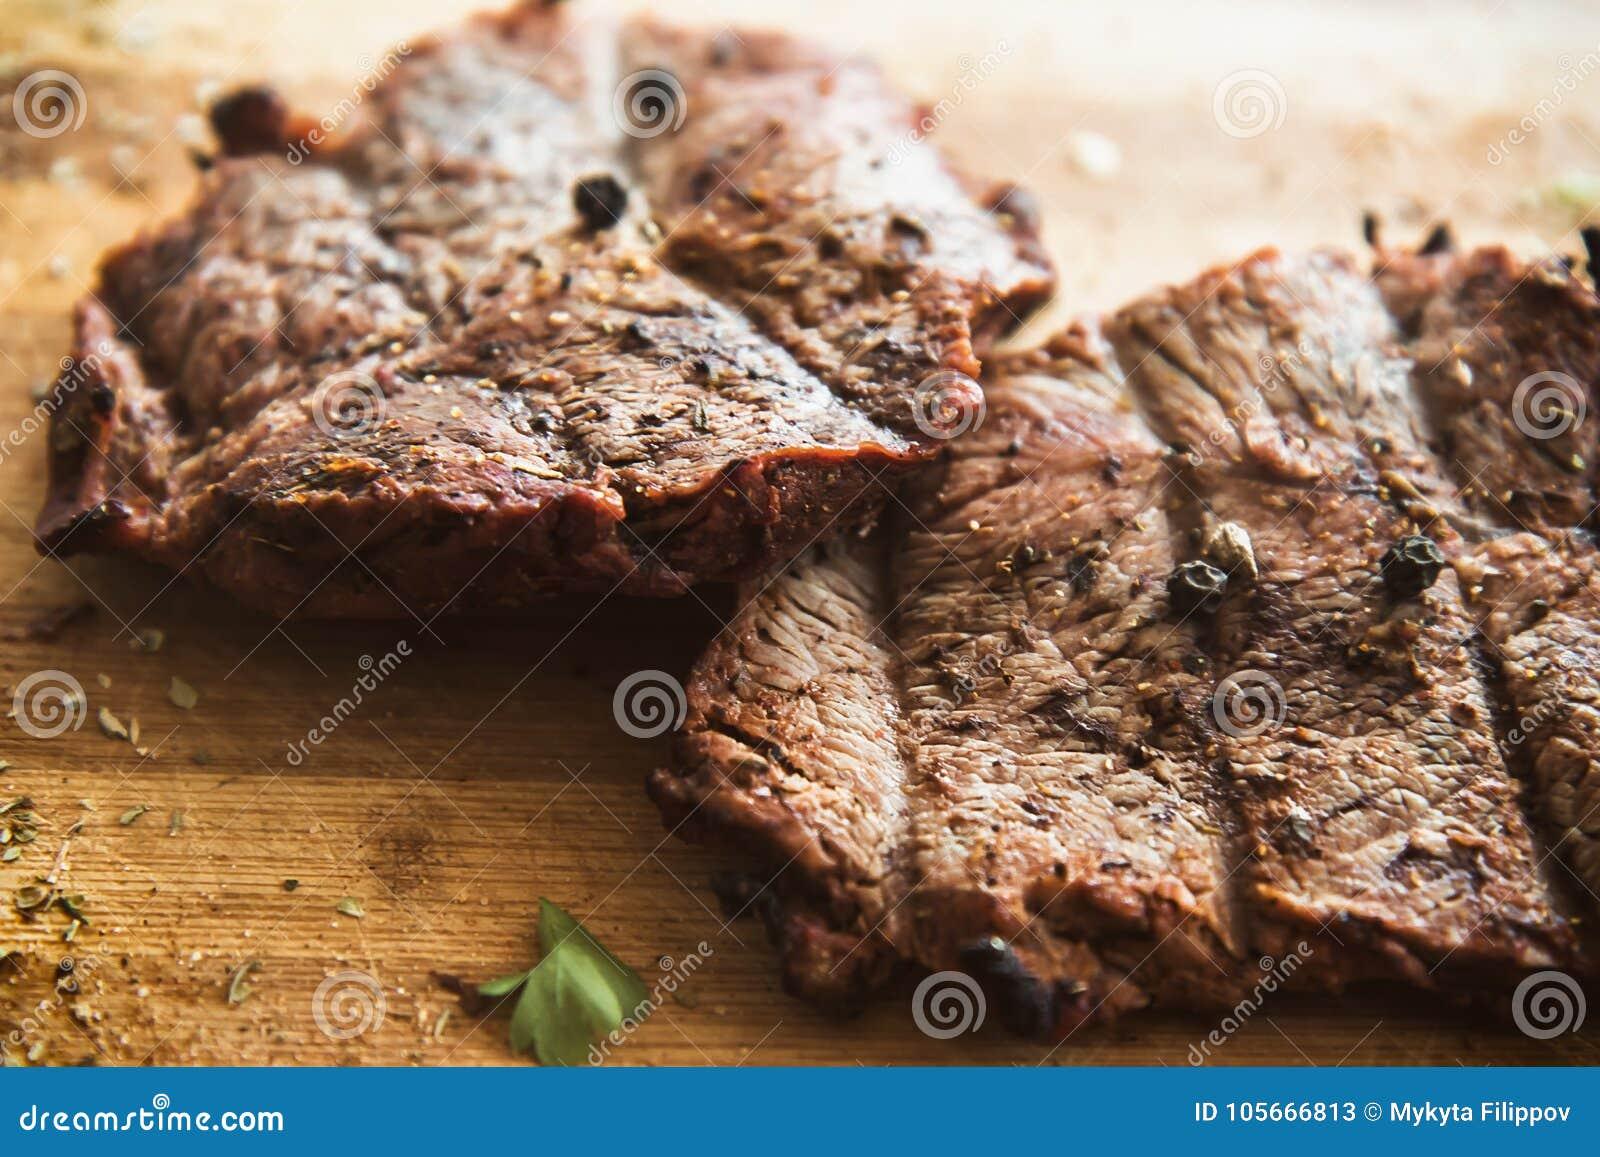 Bife fritado grelhado na placa